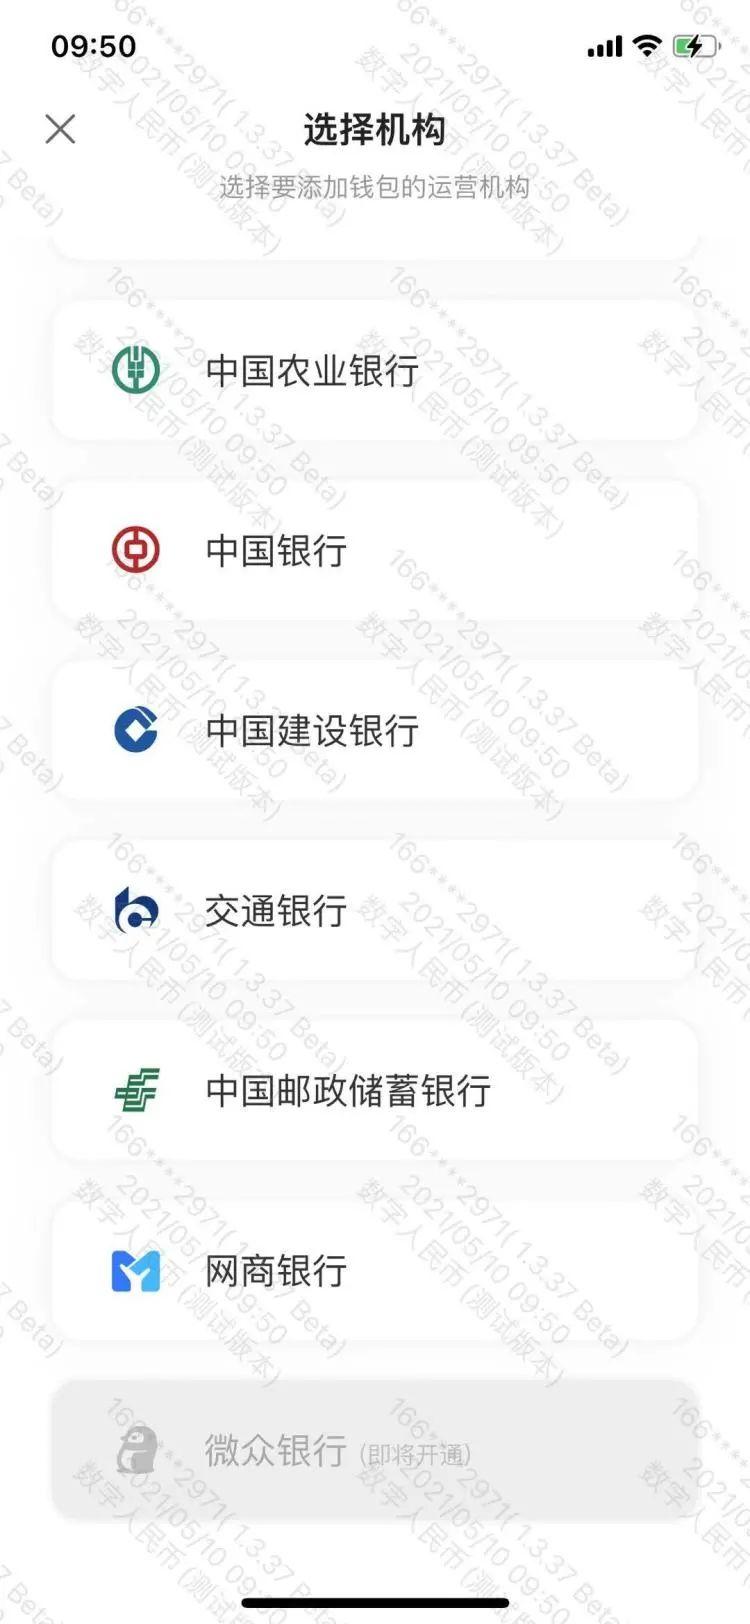 数字人民币接入支付宝 网上银行成第七家参与公测试点的商业银行 网商银行_新浪财经_新浪网